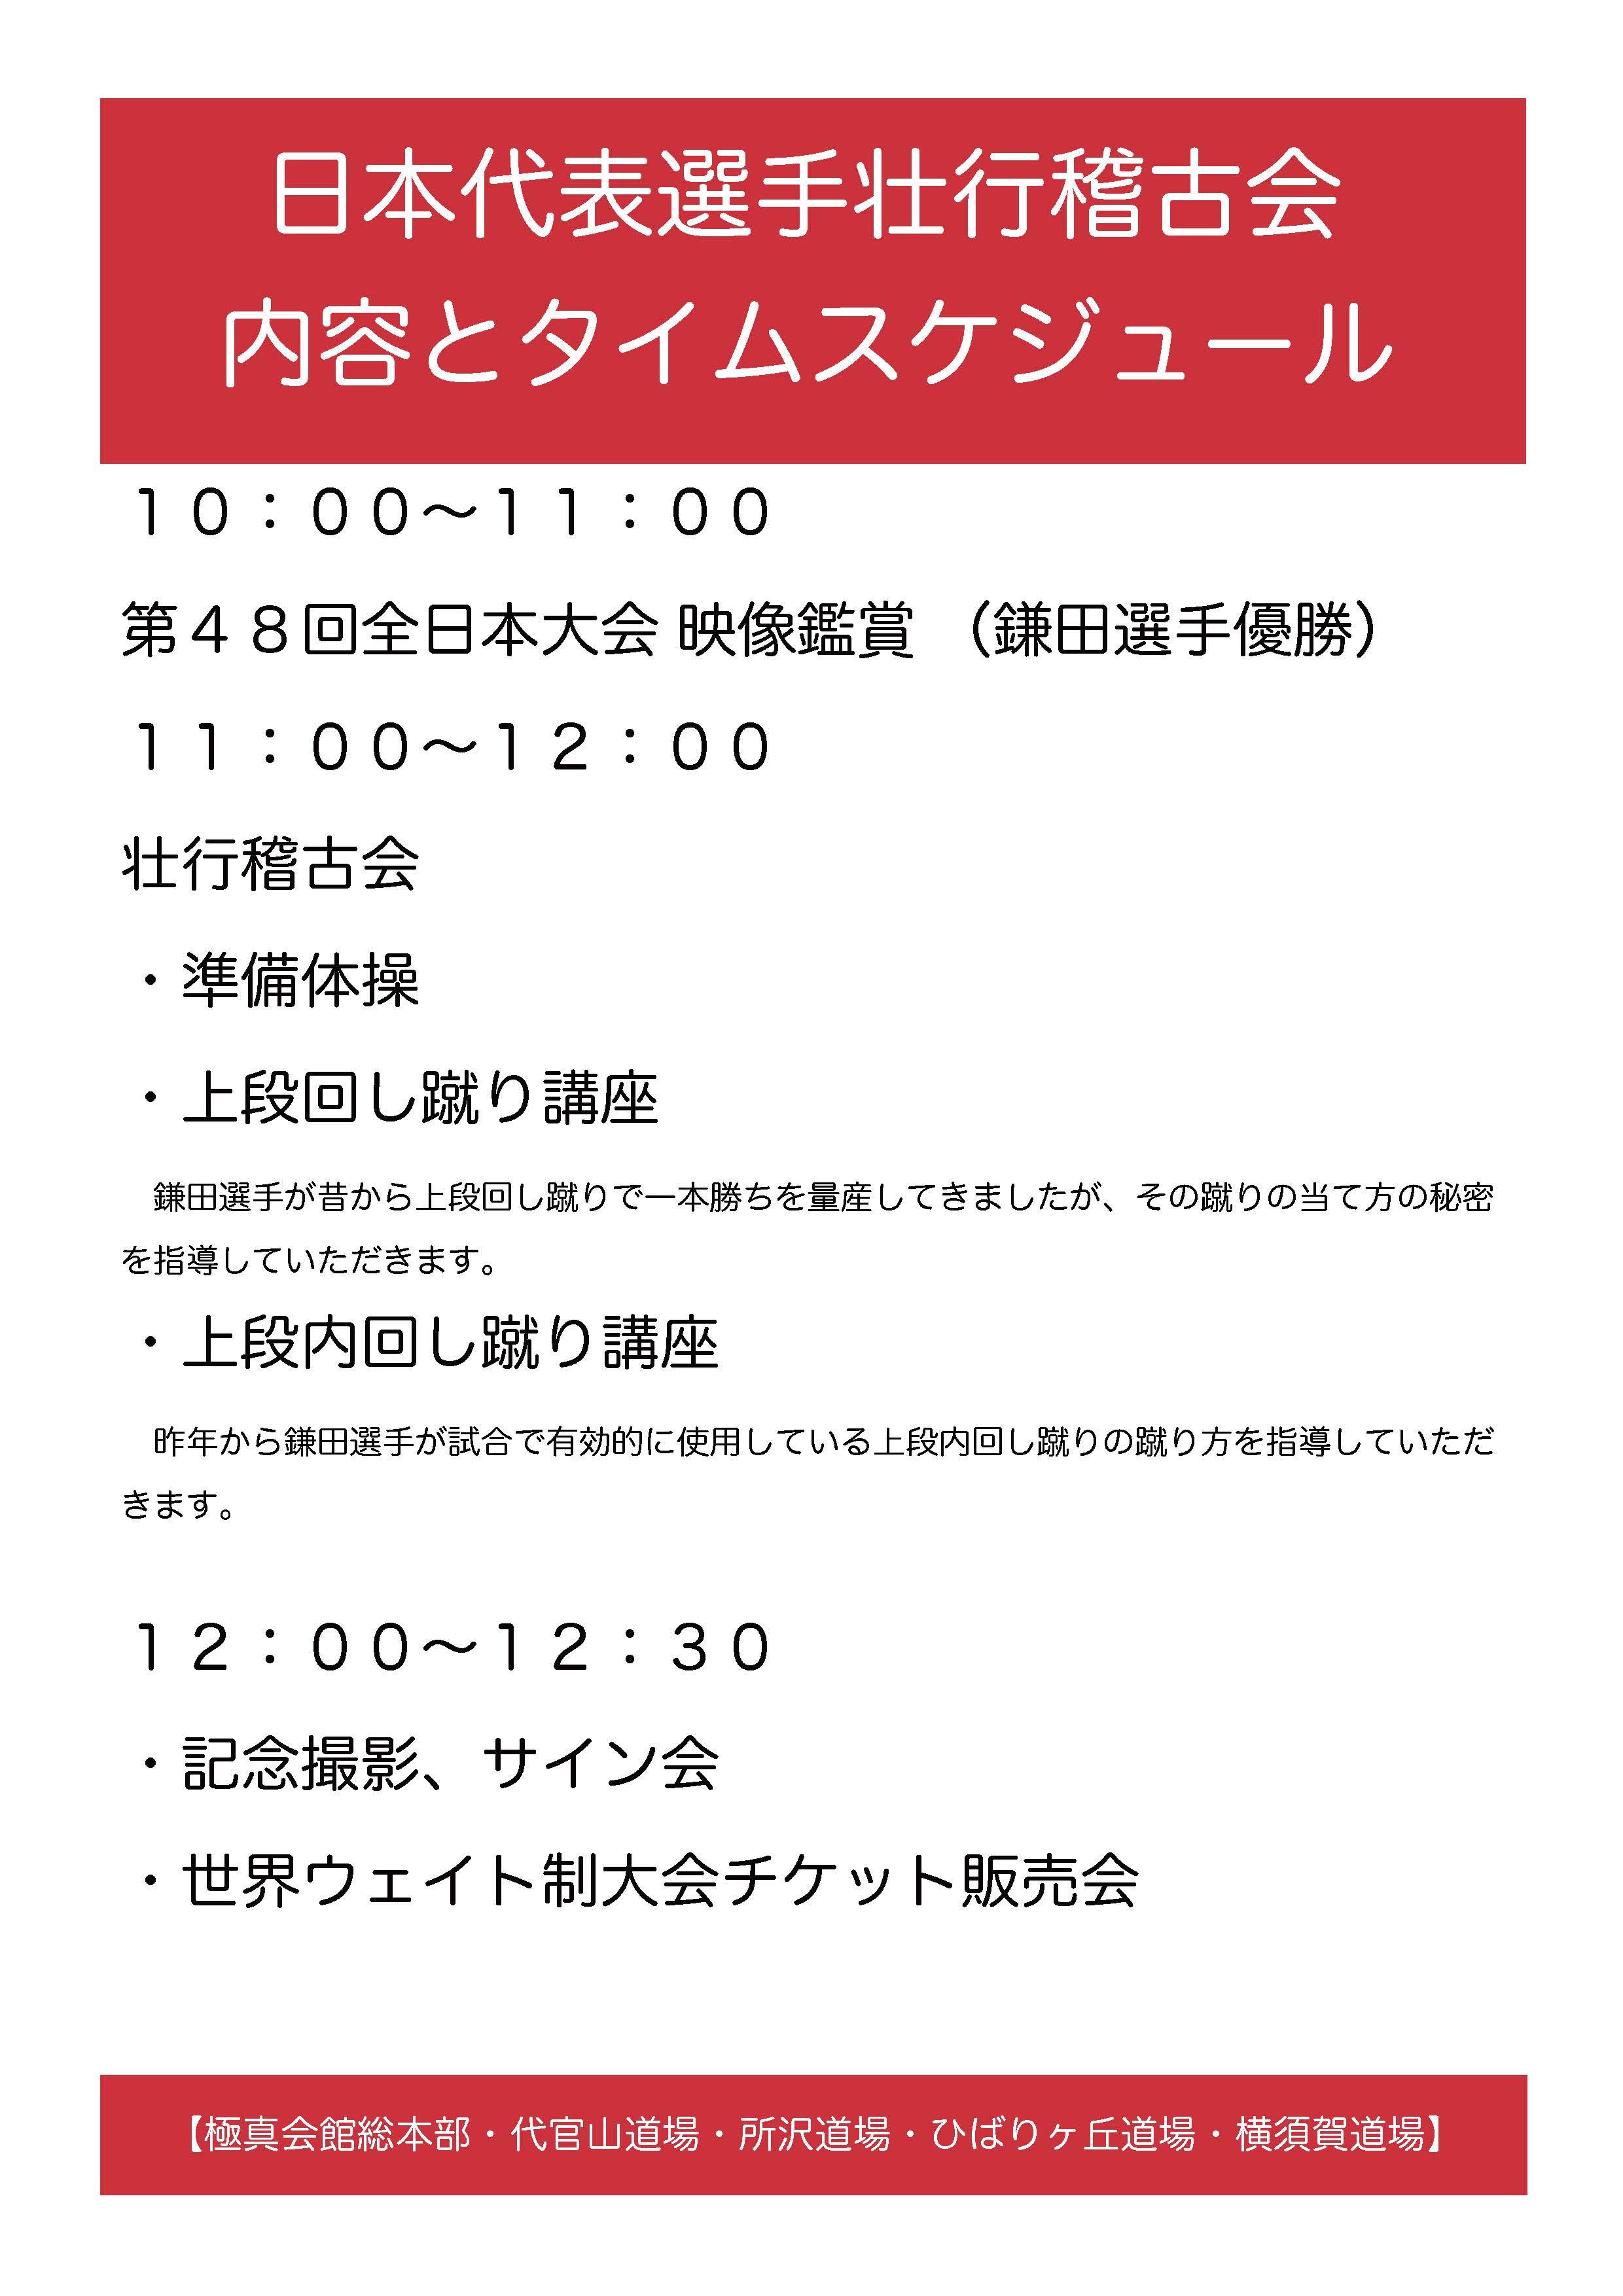 日本代表応援イベント_ページ_2